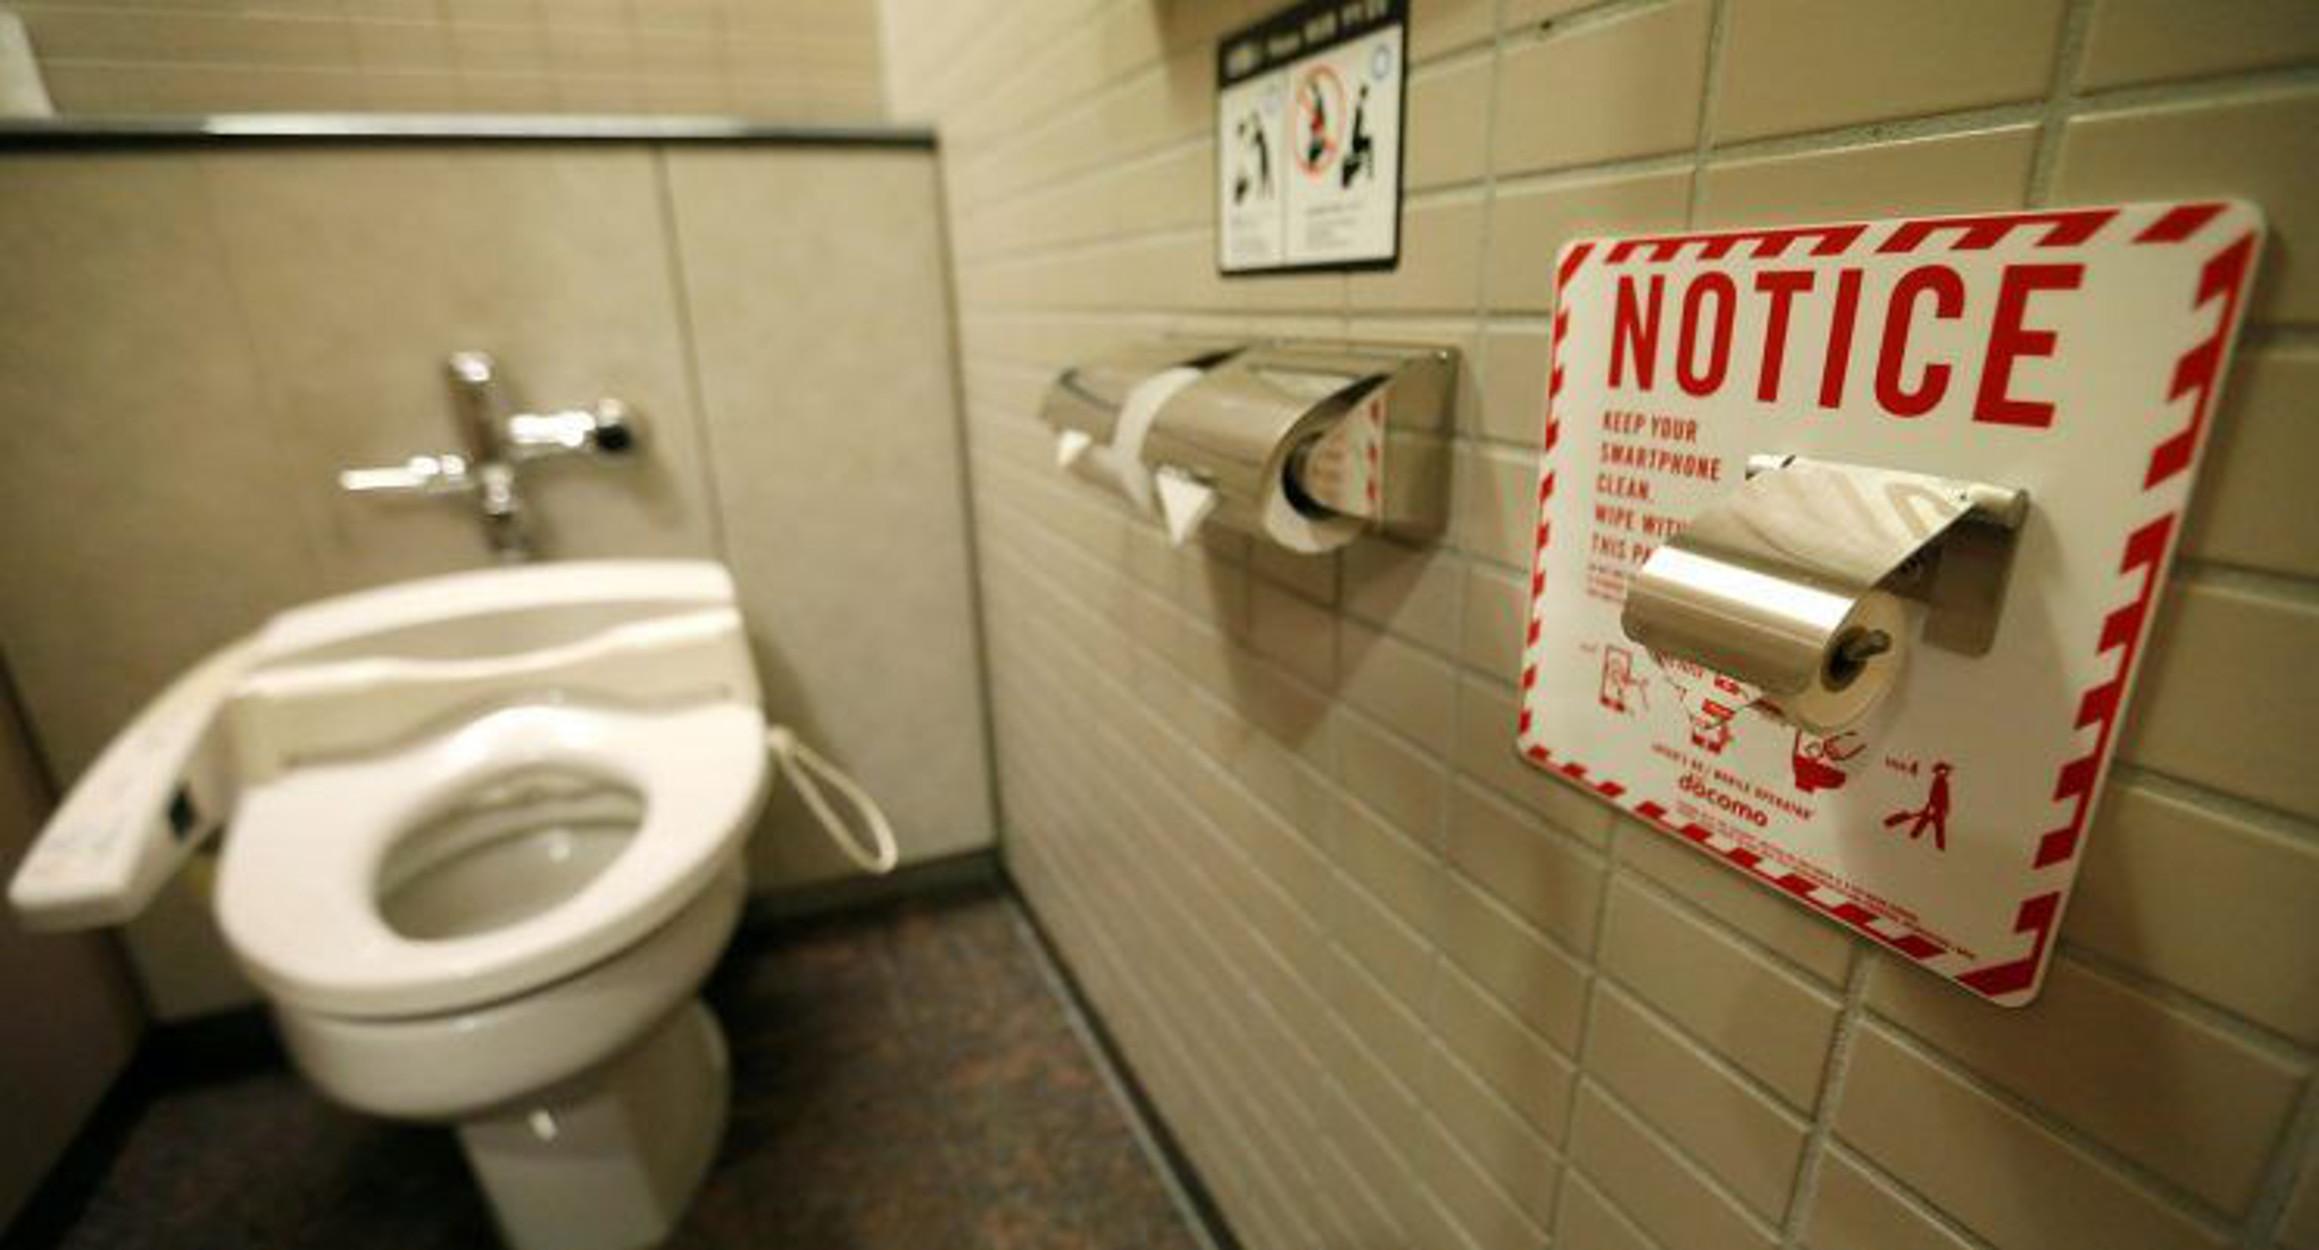 Έγινε κι αυτό: Έκατσε 5 μέρες σε λεκάνη τουαλέτας για να σπάσει... το ανύπαρκτο ρεκόρ